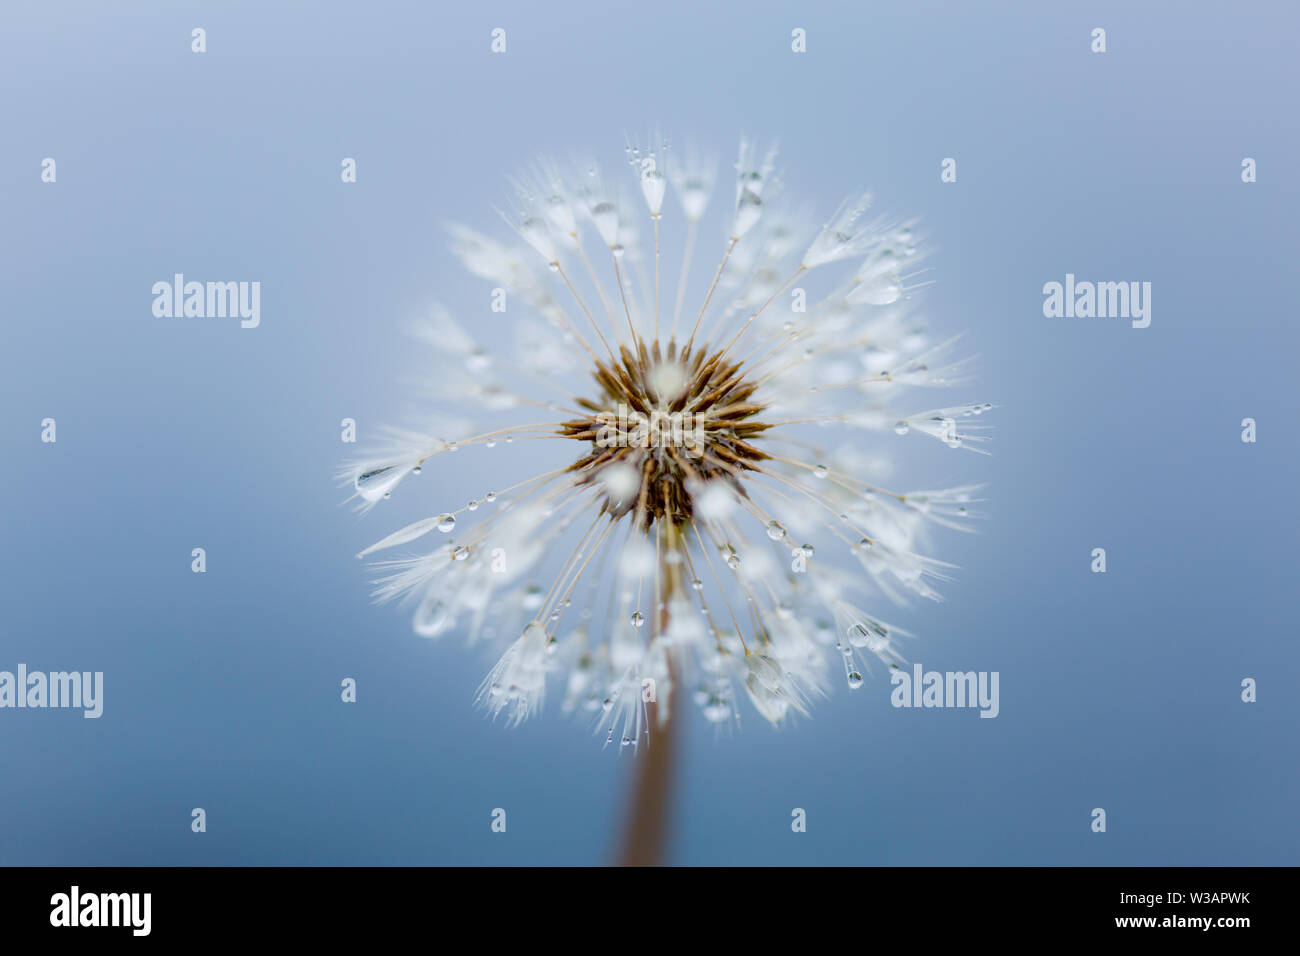 Délicat et belle tête de graines de pissenlit avec gouttes de pluie contre le bleu de la mer, la macro-photographie. Banque D'Images